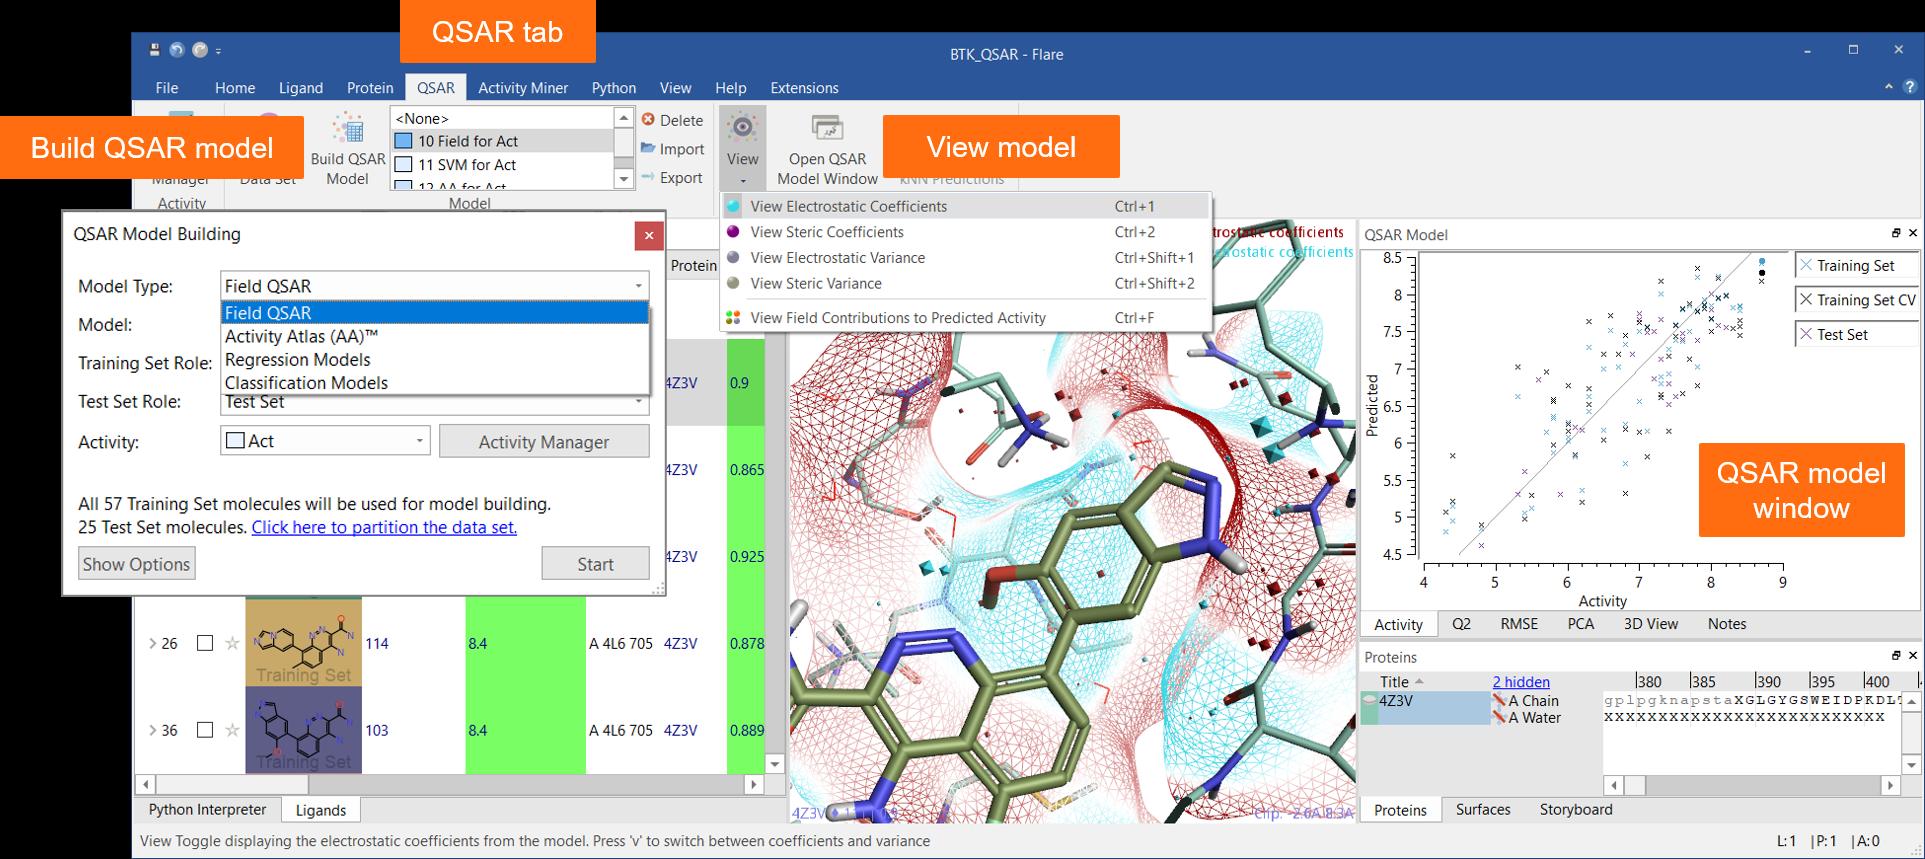 图1:QSAR选项卡和QSAR模型窗口是Flare构建QSAR模型和结果可视化的无缝界面